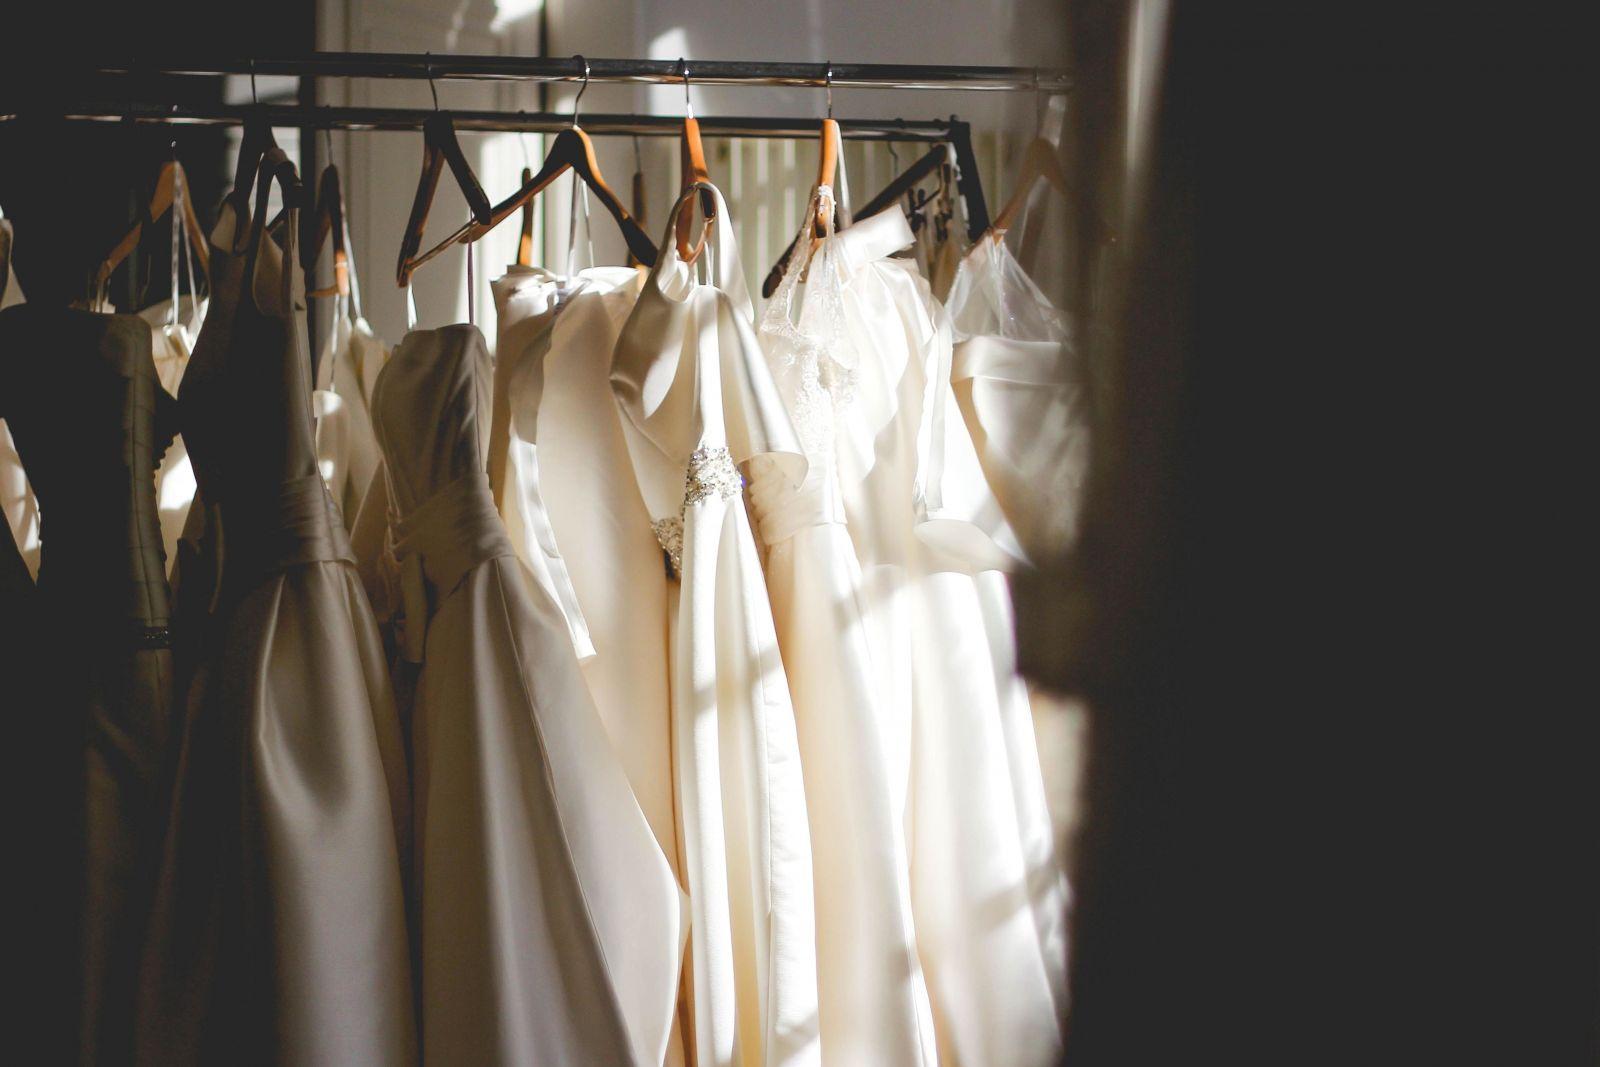 نصائح بسيطة لاقتناء فستان الزفاف المناسب لك